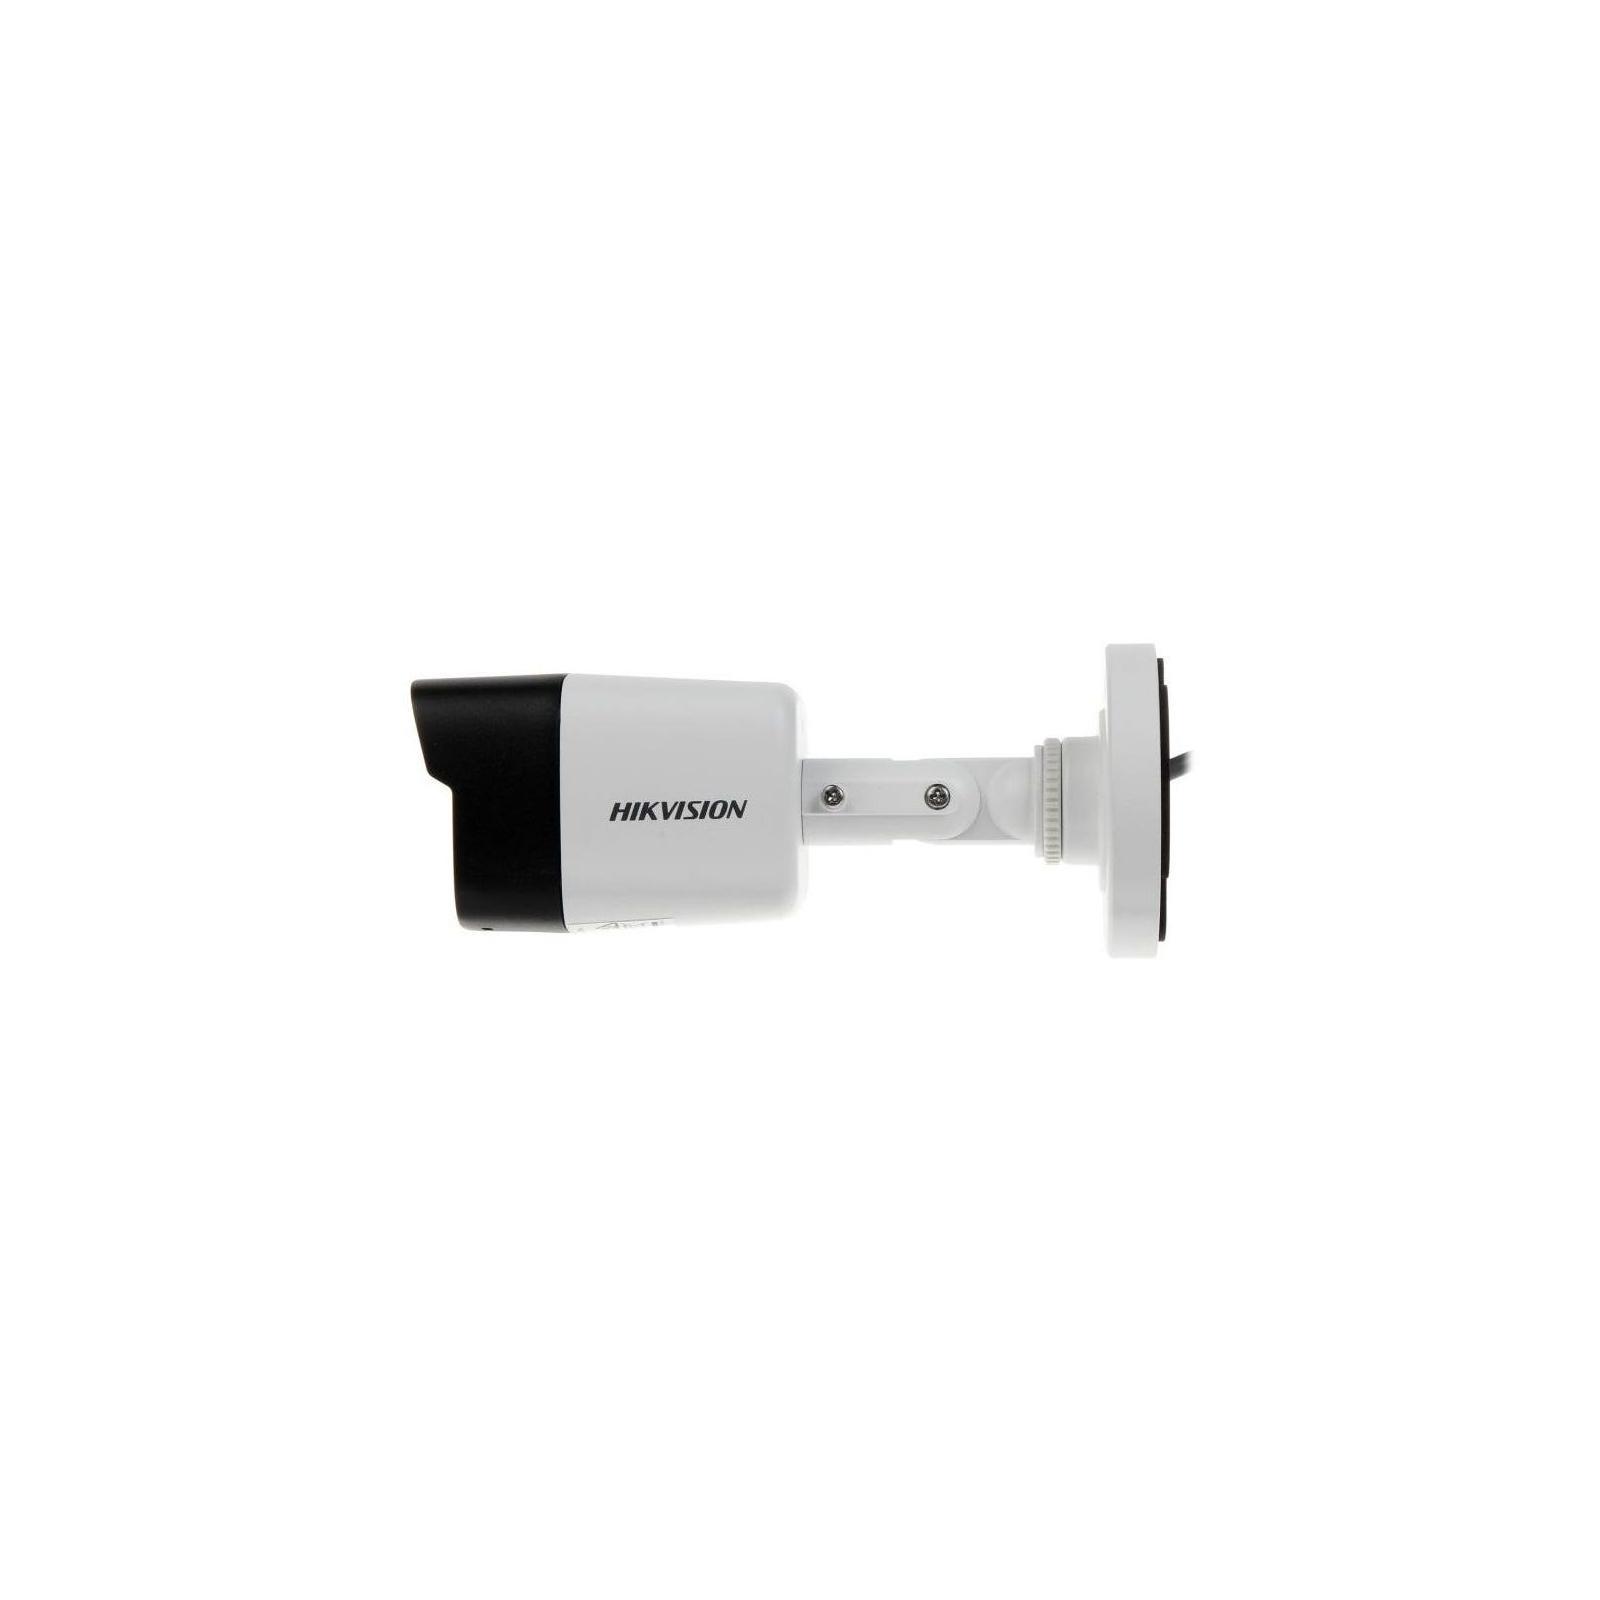 Камера видеонаблюдения HikVision DS-2CE16D8T-ITE (2.8) изображение 3